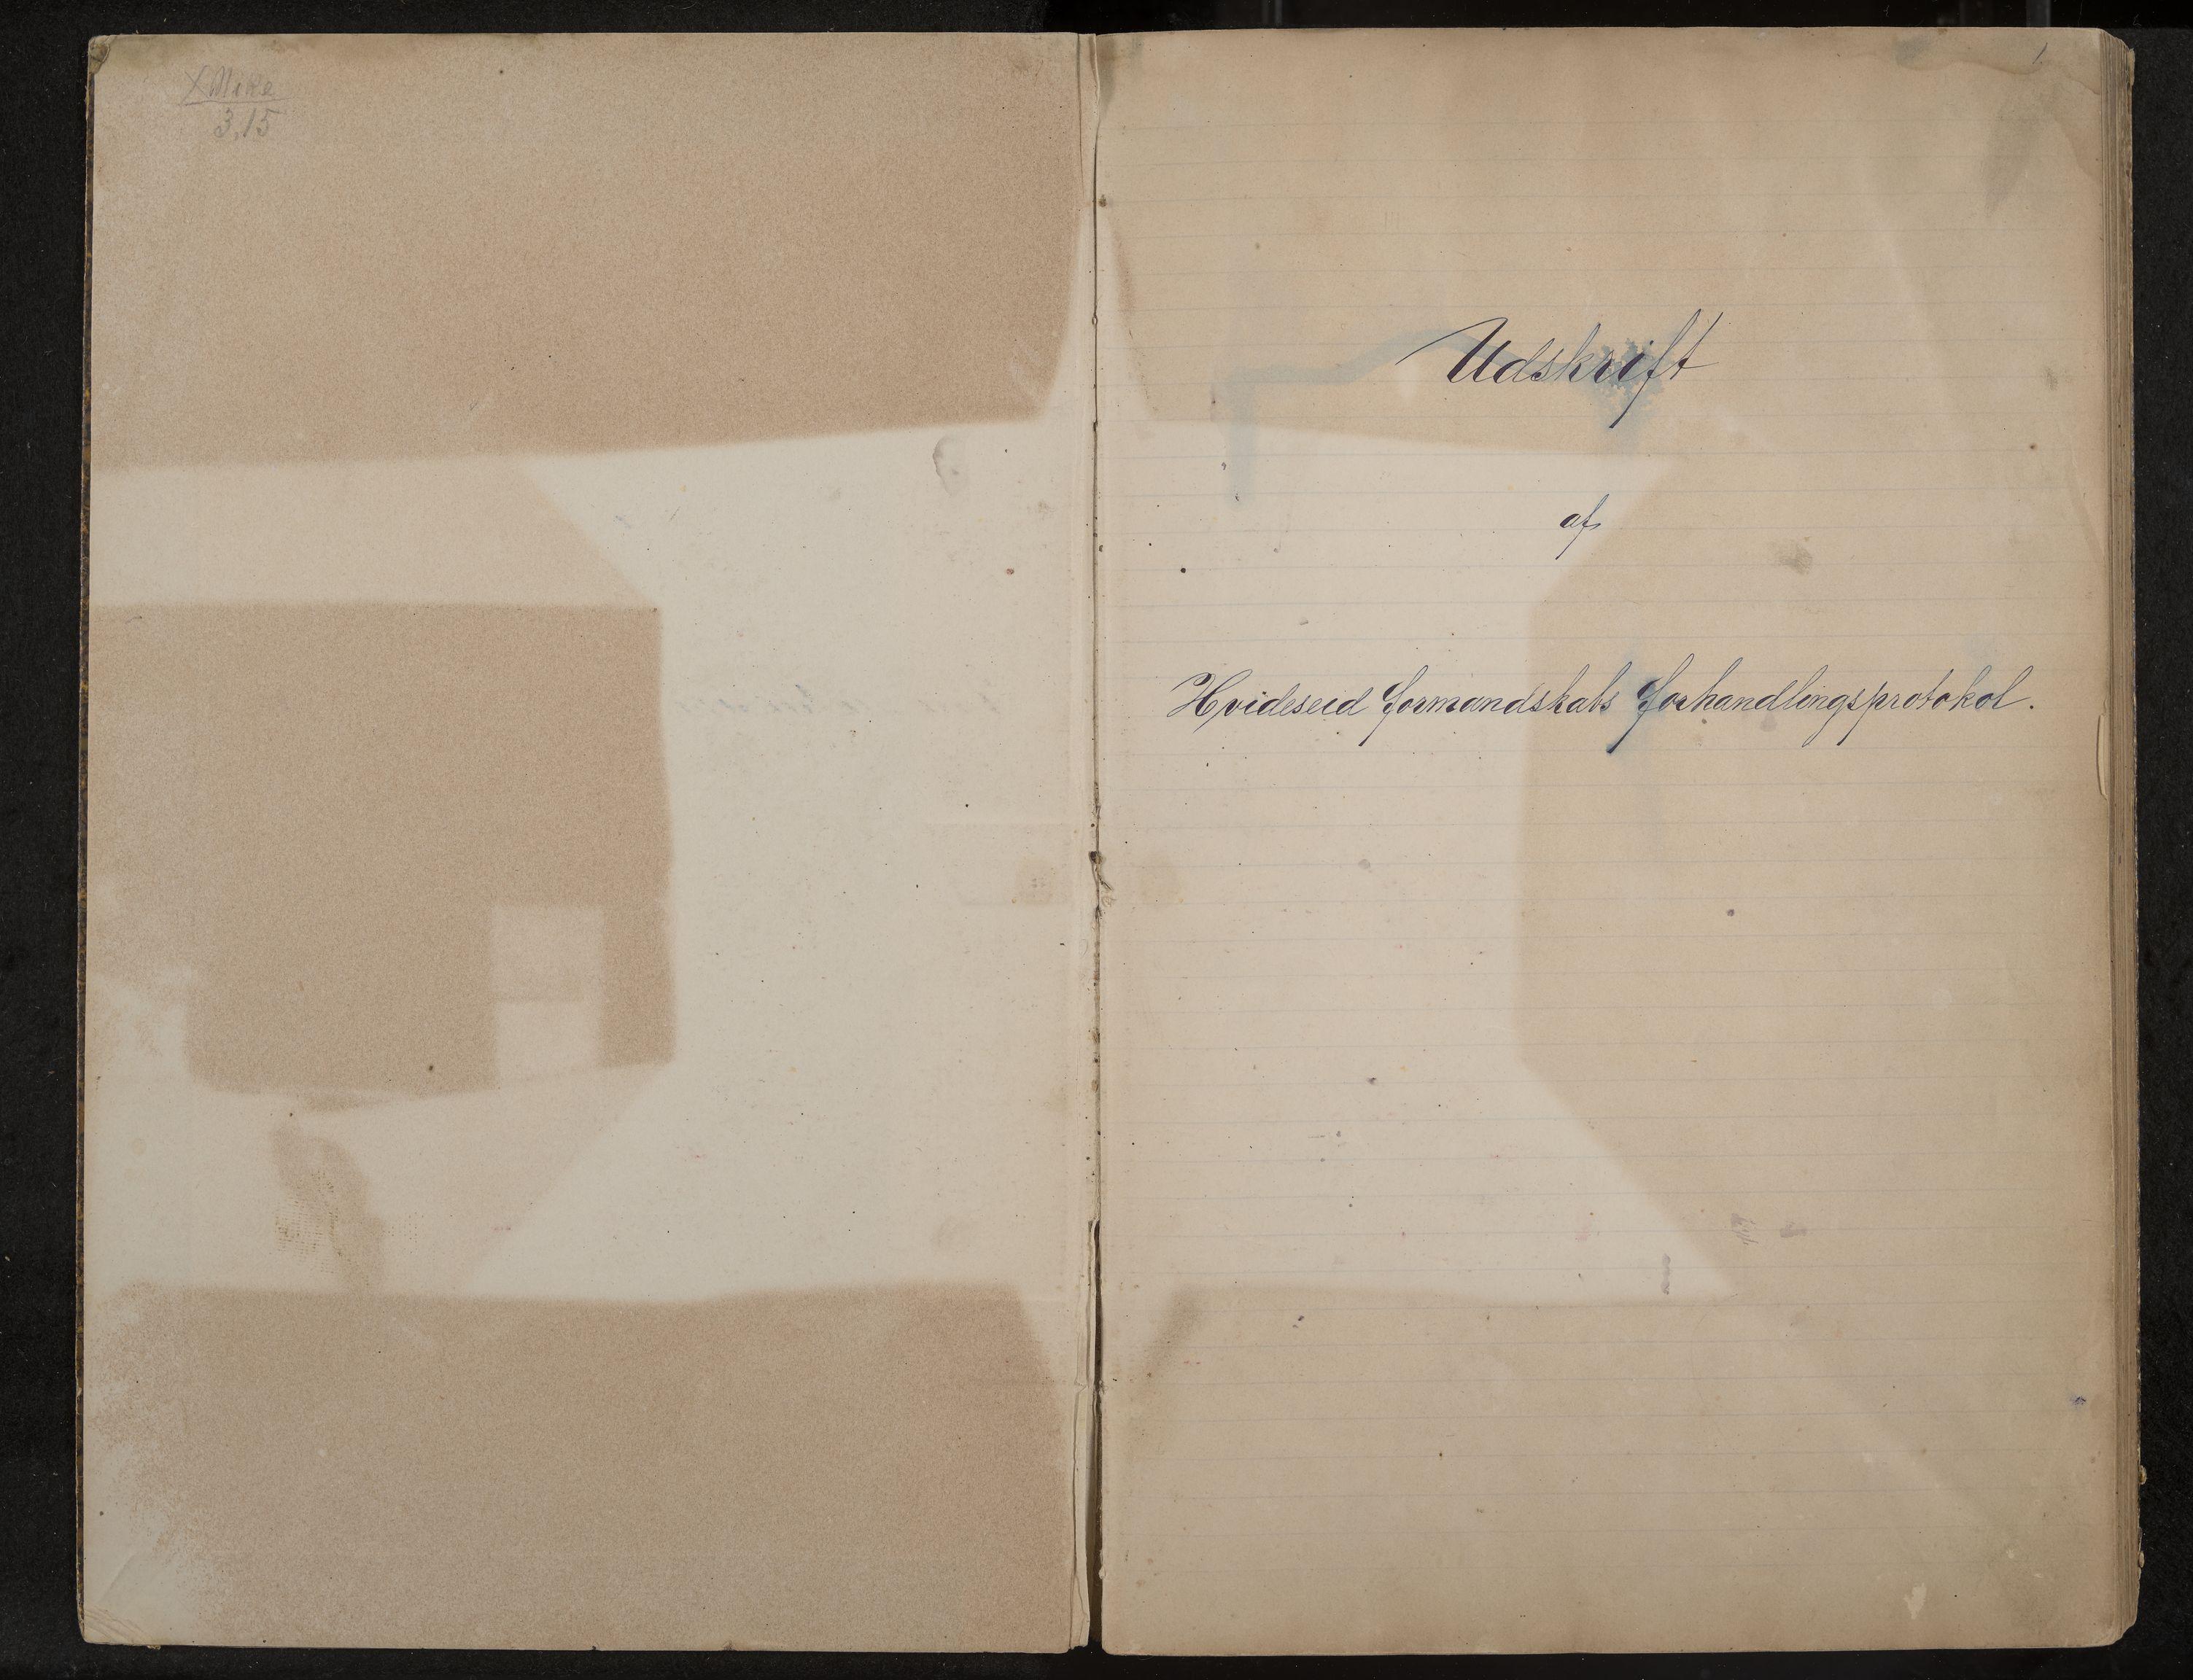 IKAK, Kviteseid formannskap og sentraladministrasjon, A/Aa/L0002: Udskrift af Hvideseid formandskabs forhandlingsprotokol, 1882-1888, s. 1